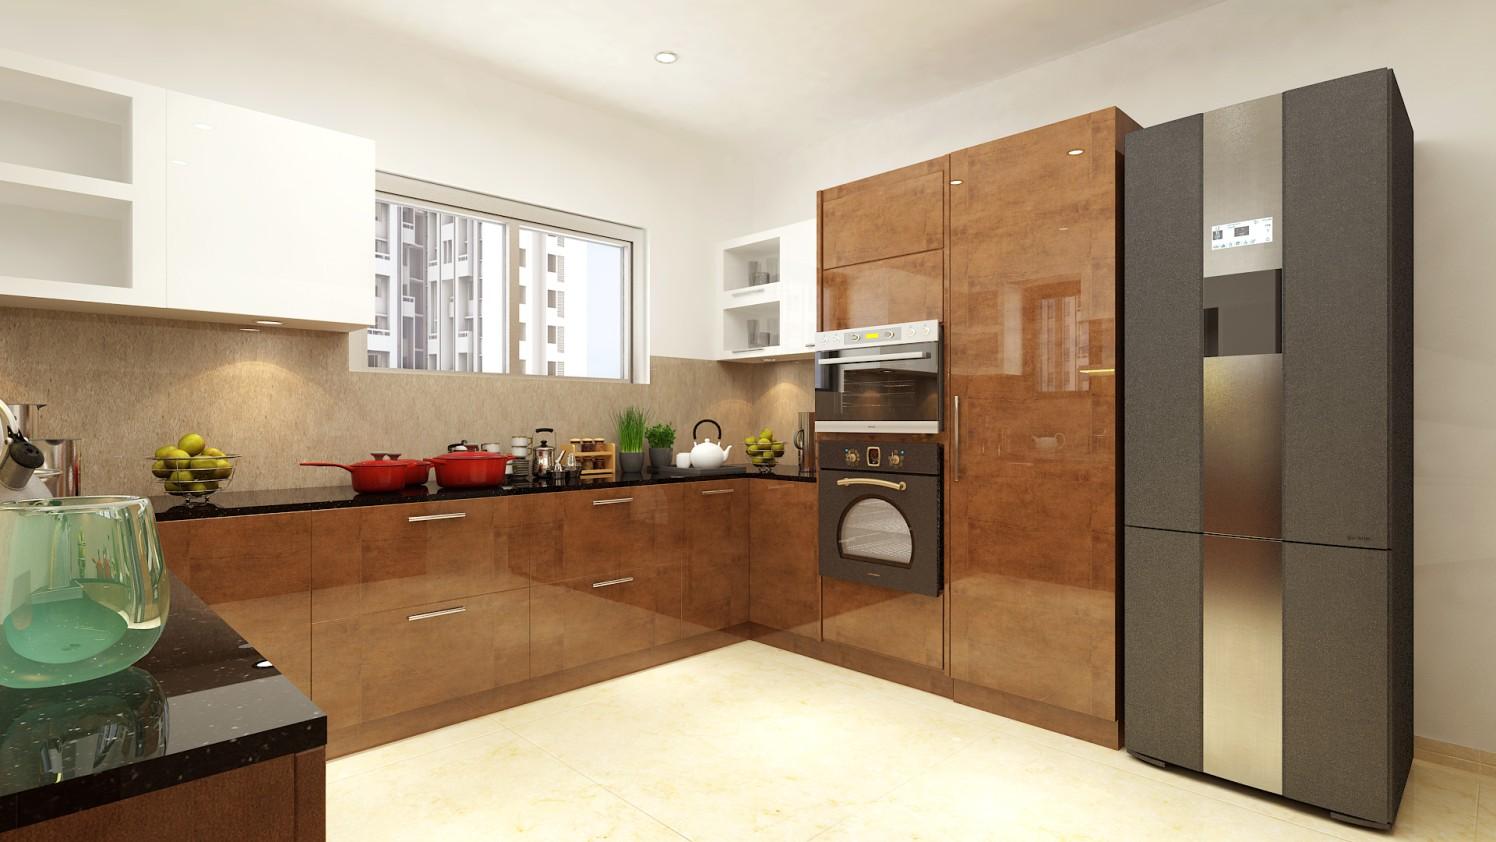 Chef's in the Kitchen by Suresh Babu Modern | Interior Design Photos & Ideas